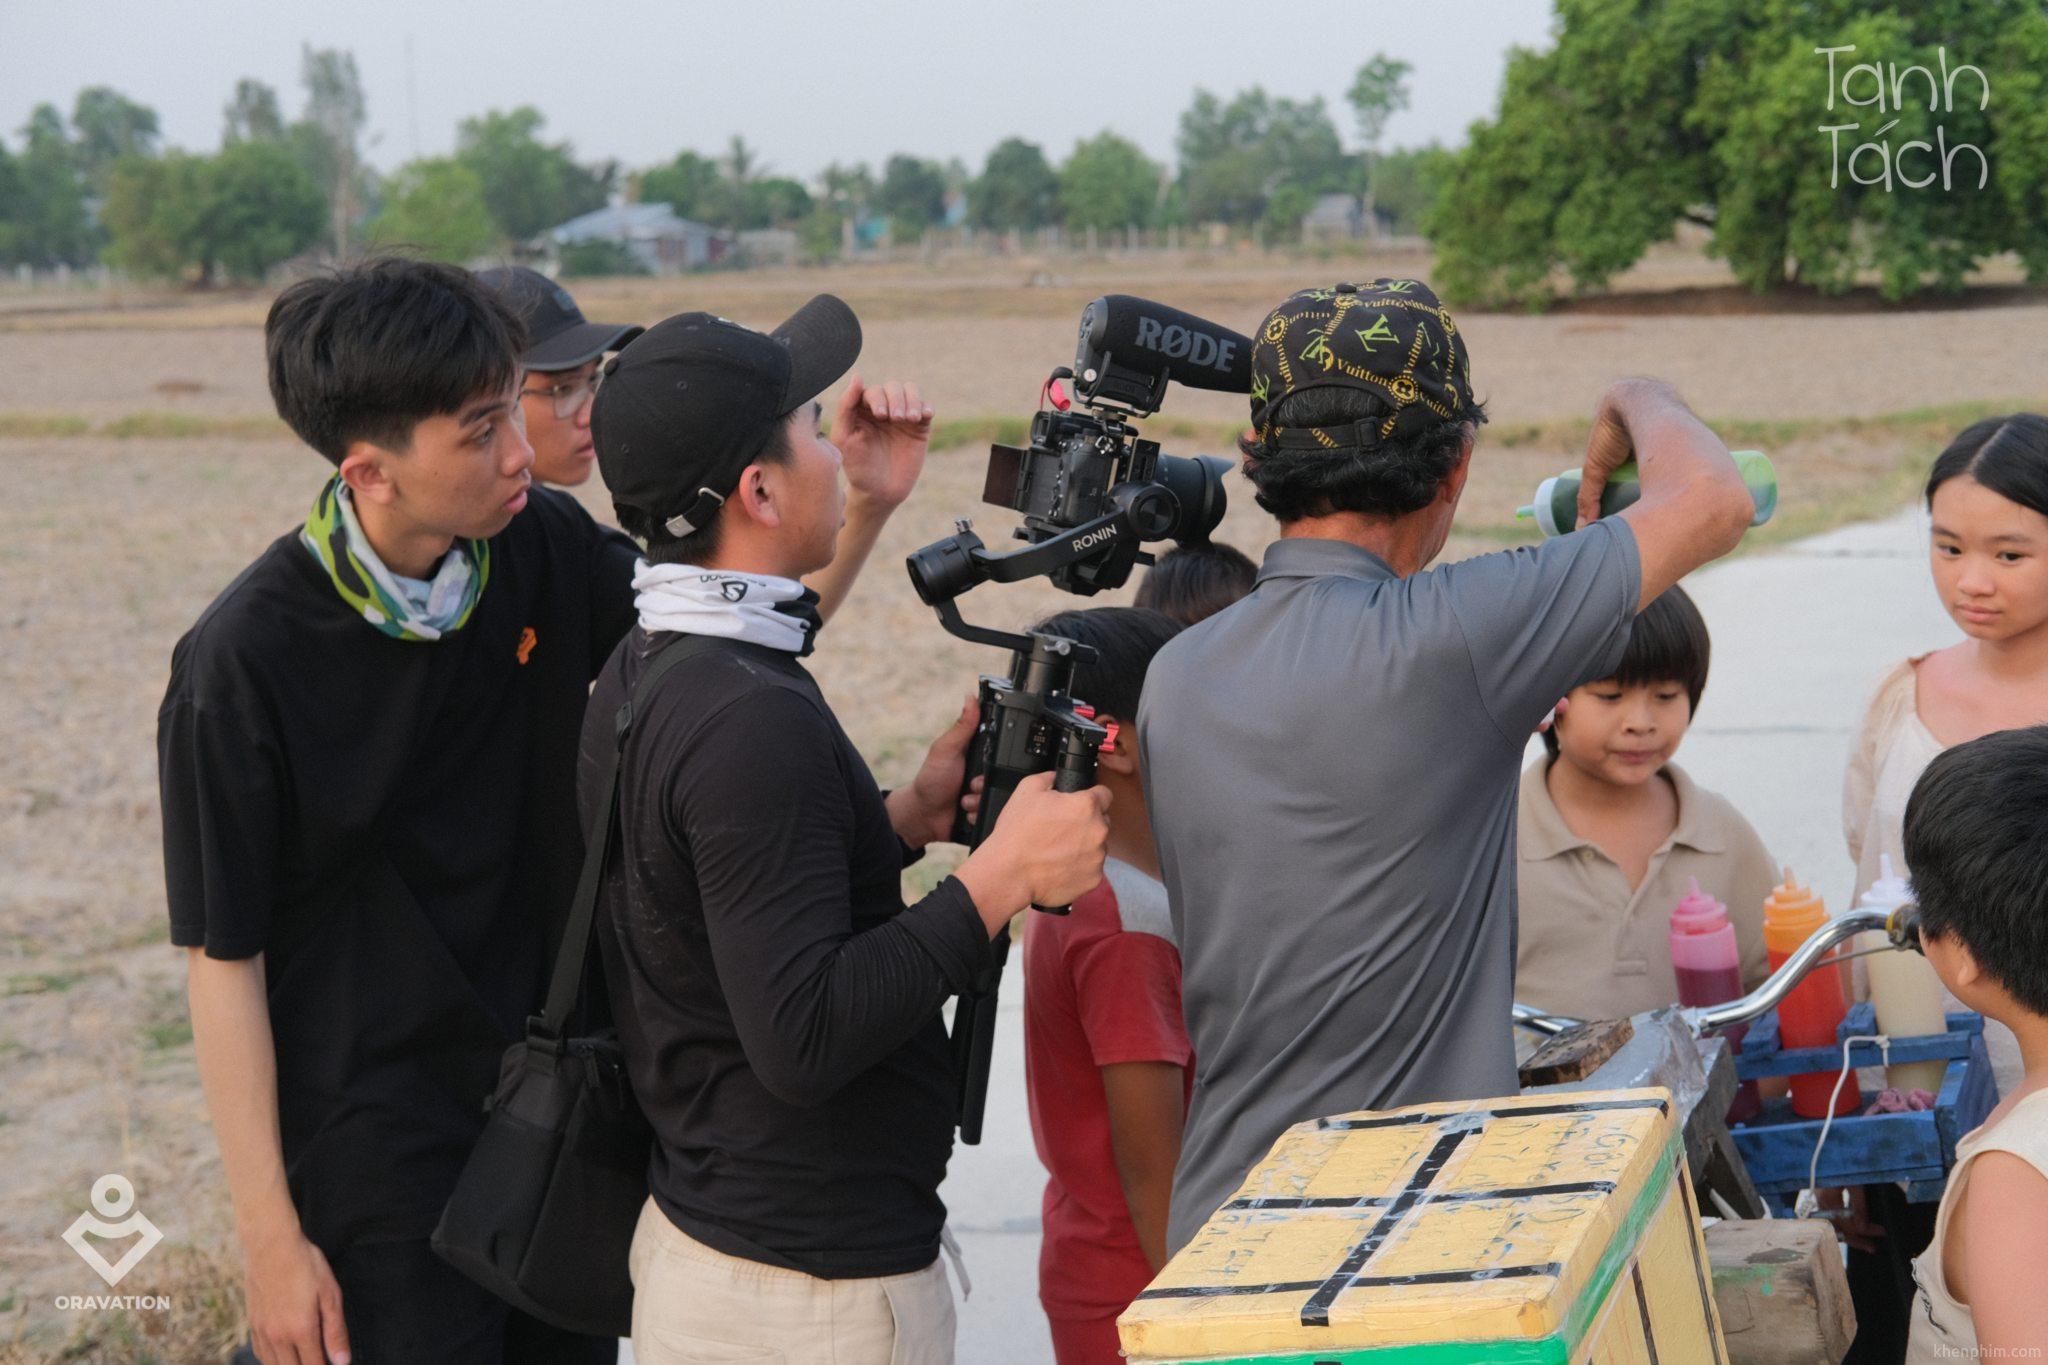 Hậu trường cảnh bọn trẻ trong làng chạy theo xe đá bào - phim Tanh Tách